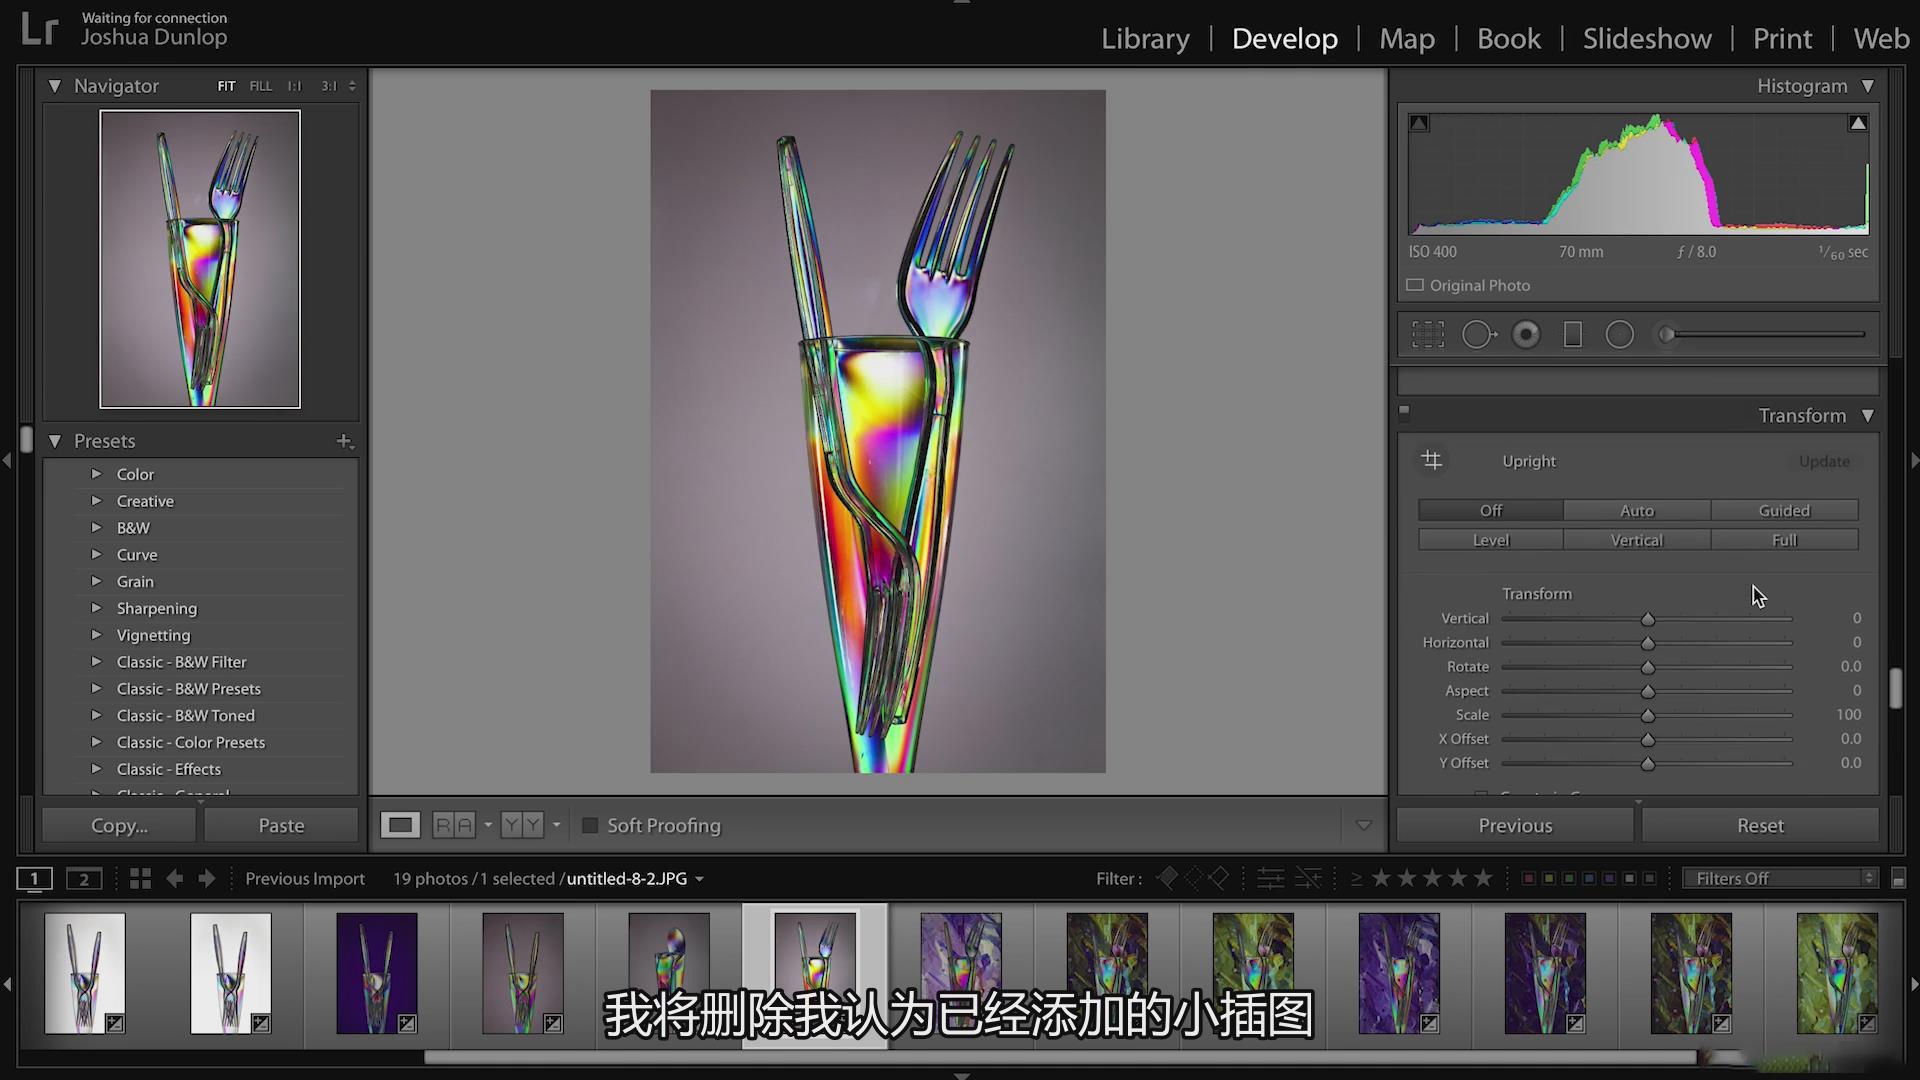 摄影教程_JOSHUA DUNLOP-30天创意摄影产品项目视频课程-中文字幕 摄影教程 _预览图9